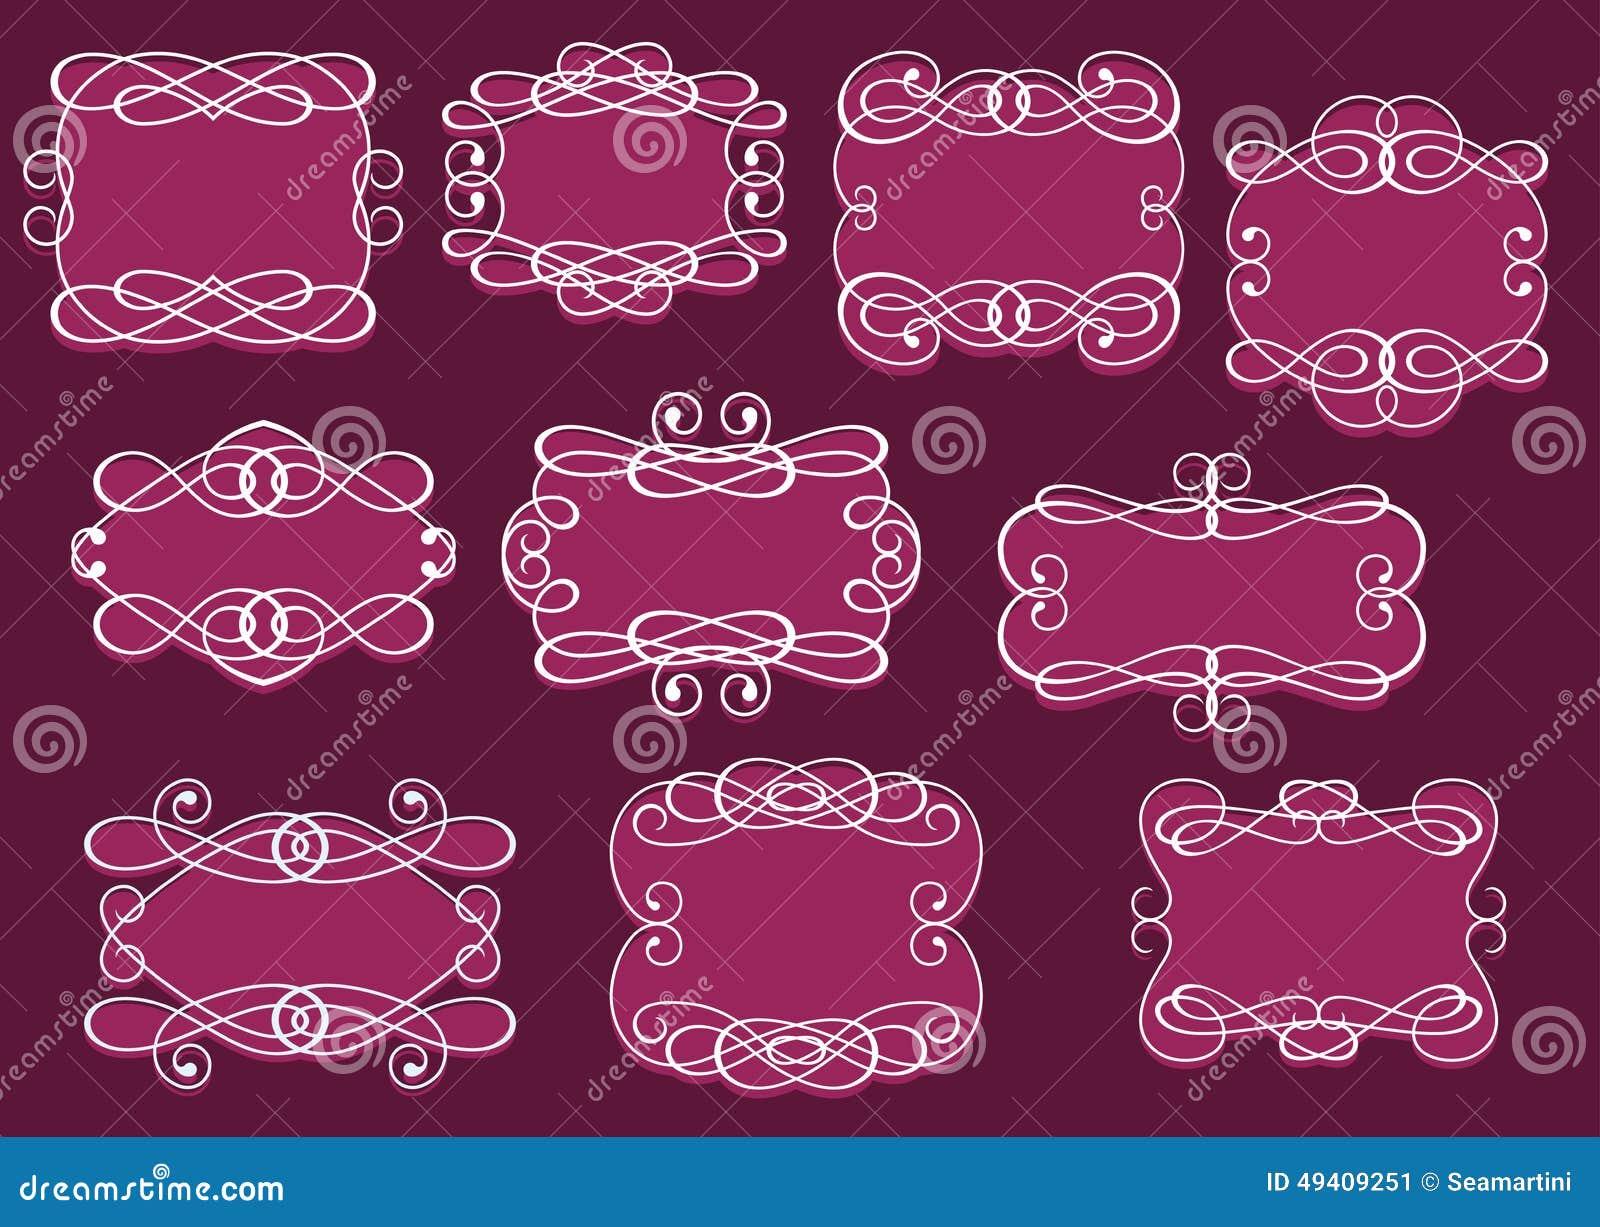 Download Weinlese Rahmen Oder Cartouches Eingestellt Vektor Abbildung - Illustration von graphik, romantisch: 49409251